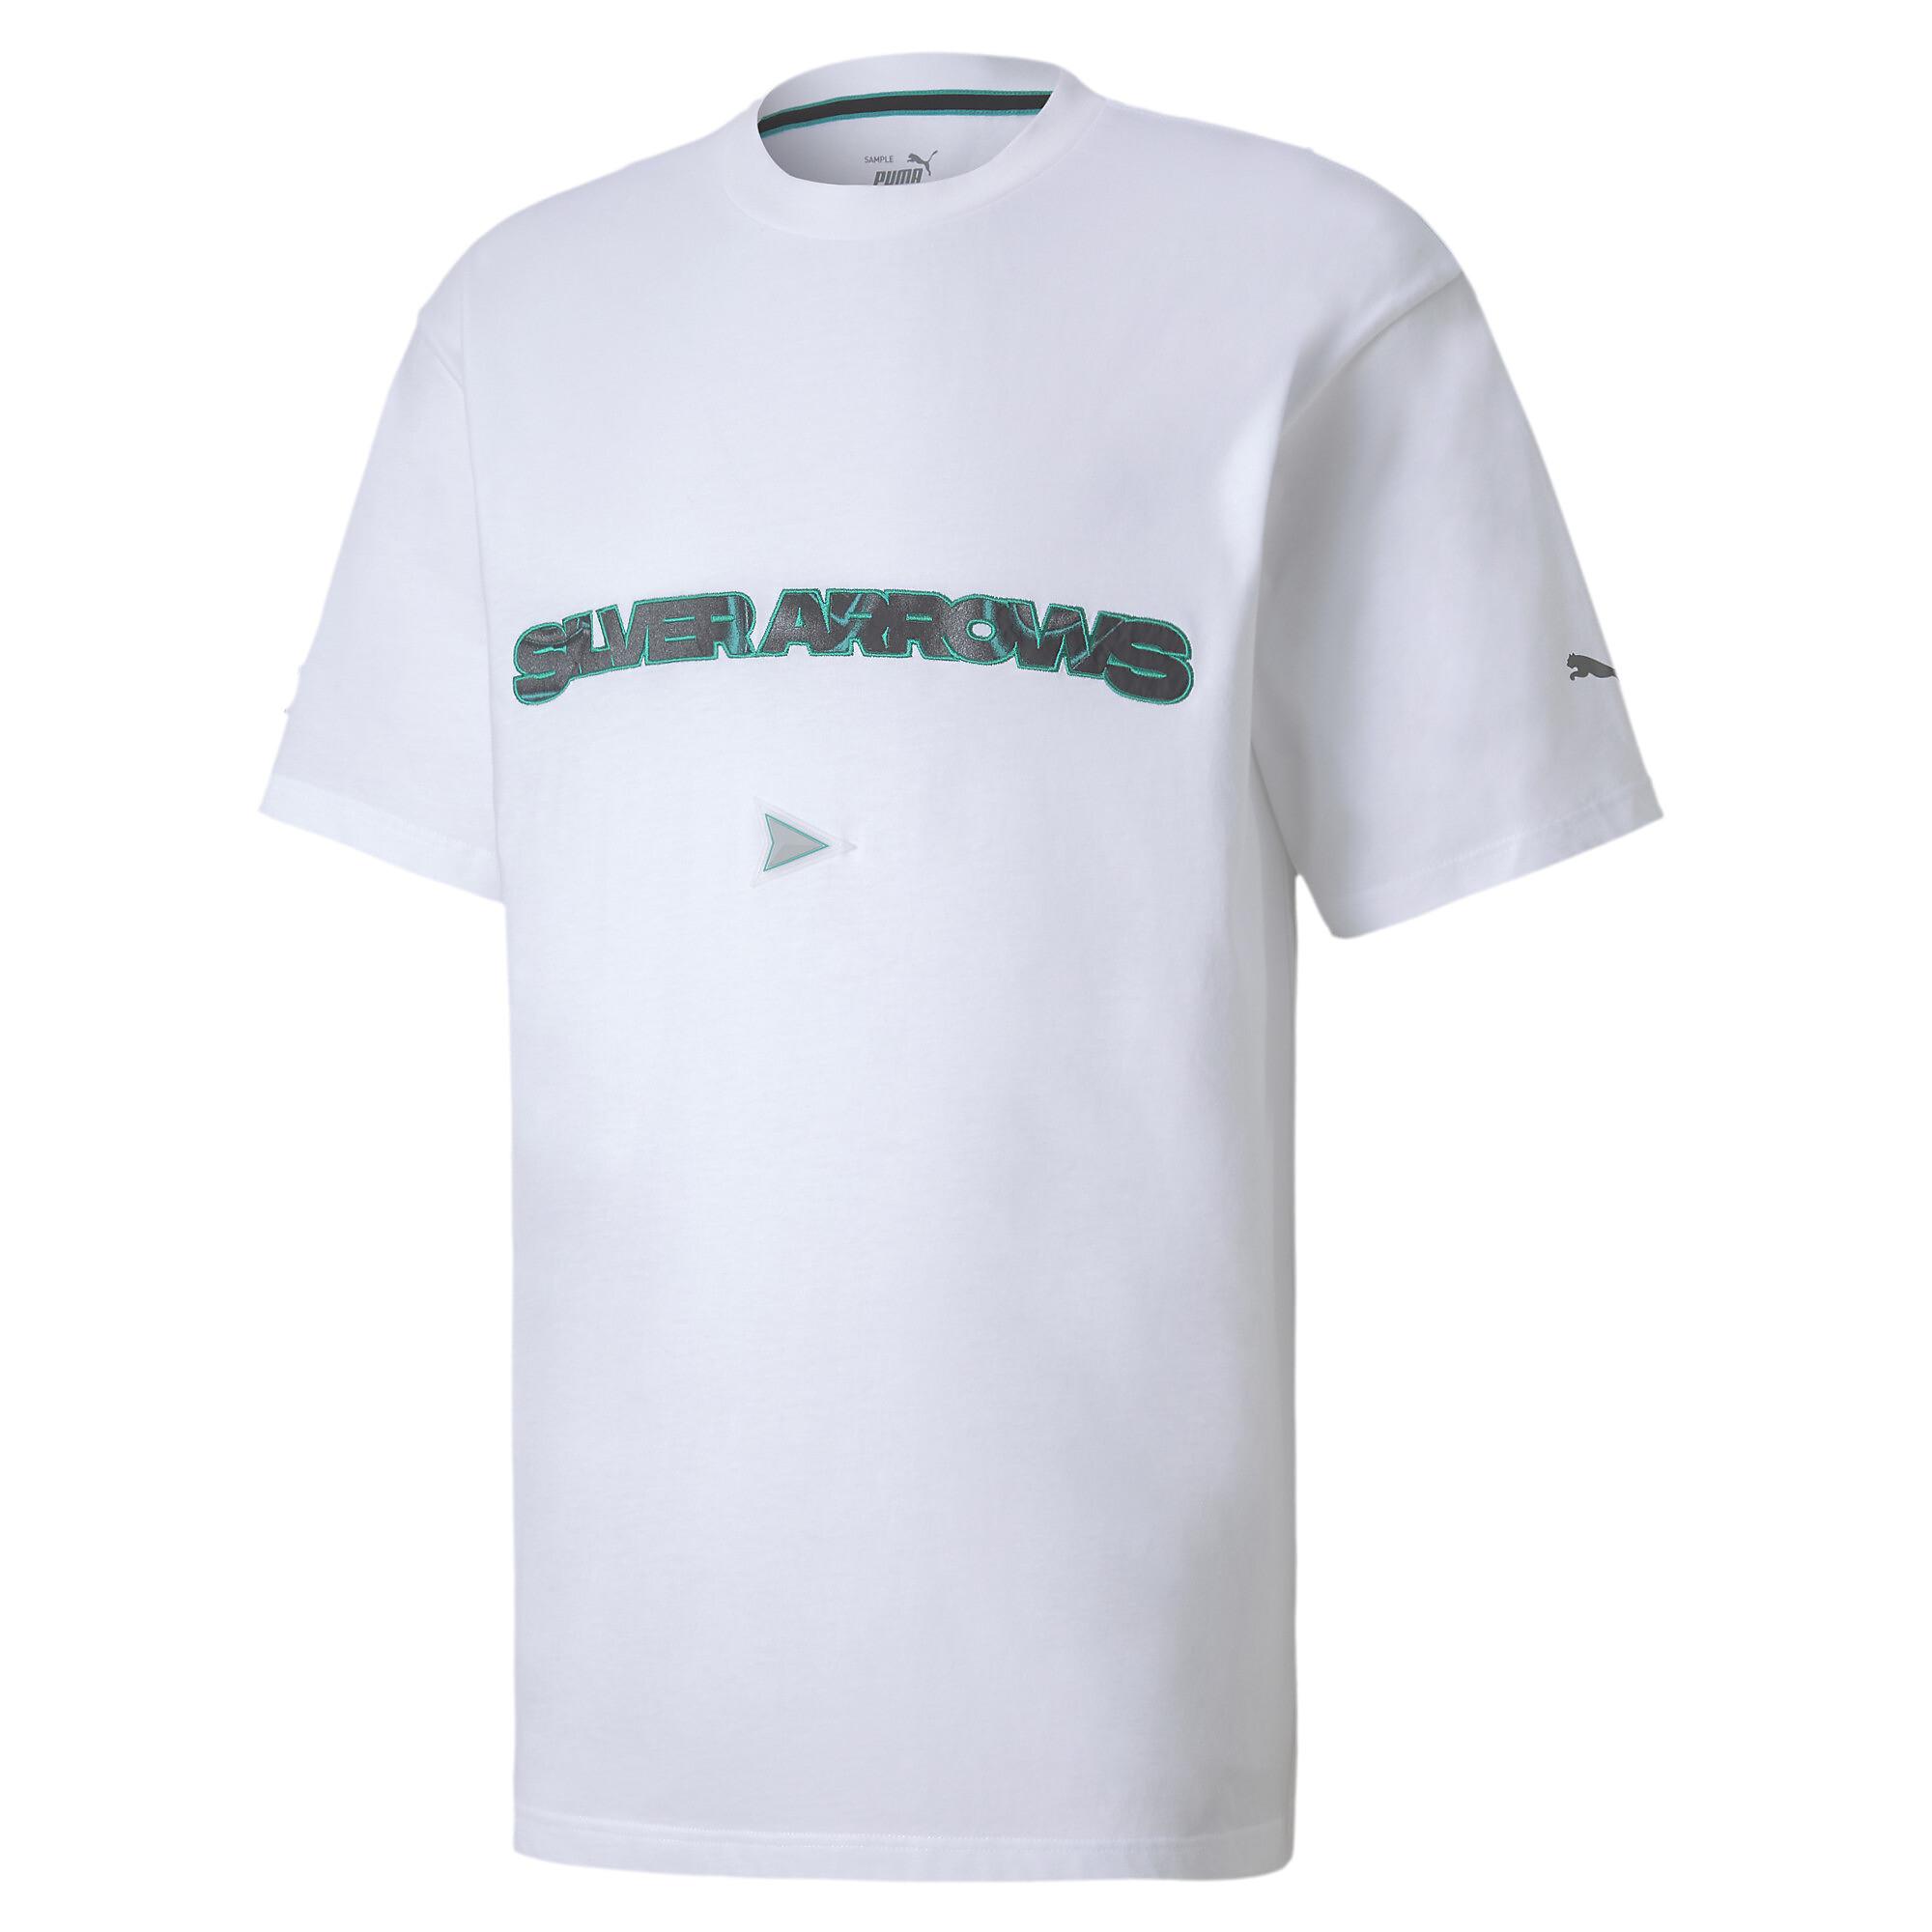 【プーマ公式通販】 プーマ メルセデス MAPM ストリート Tシャツ メンズ Puma White |PUMA.com